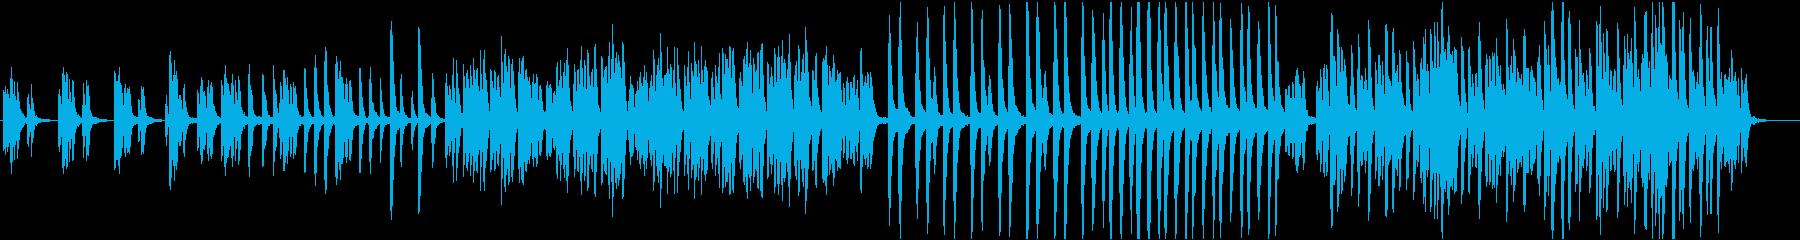 神秘的な森の中/マリンバ系 BGMの再生済みの波形